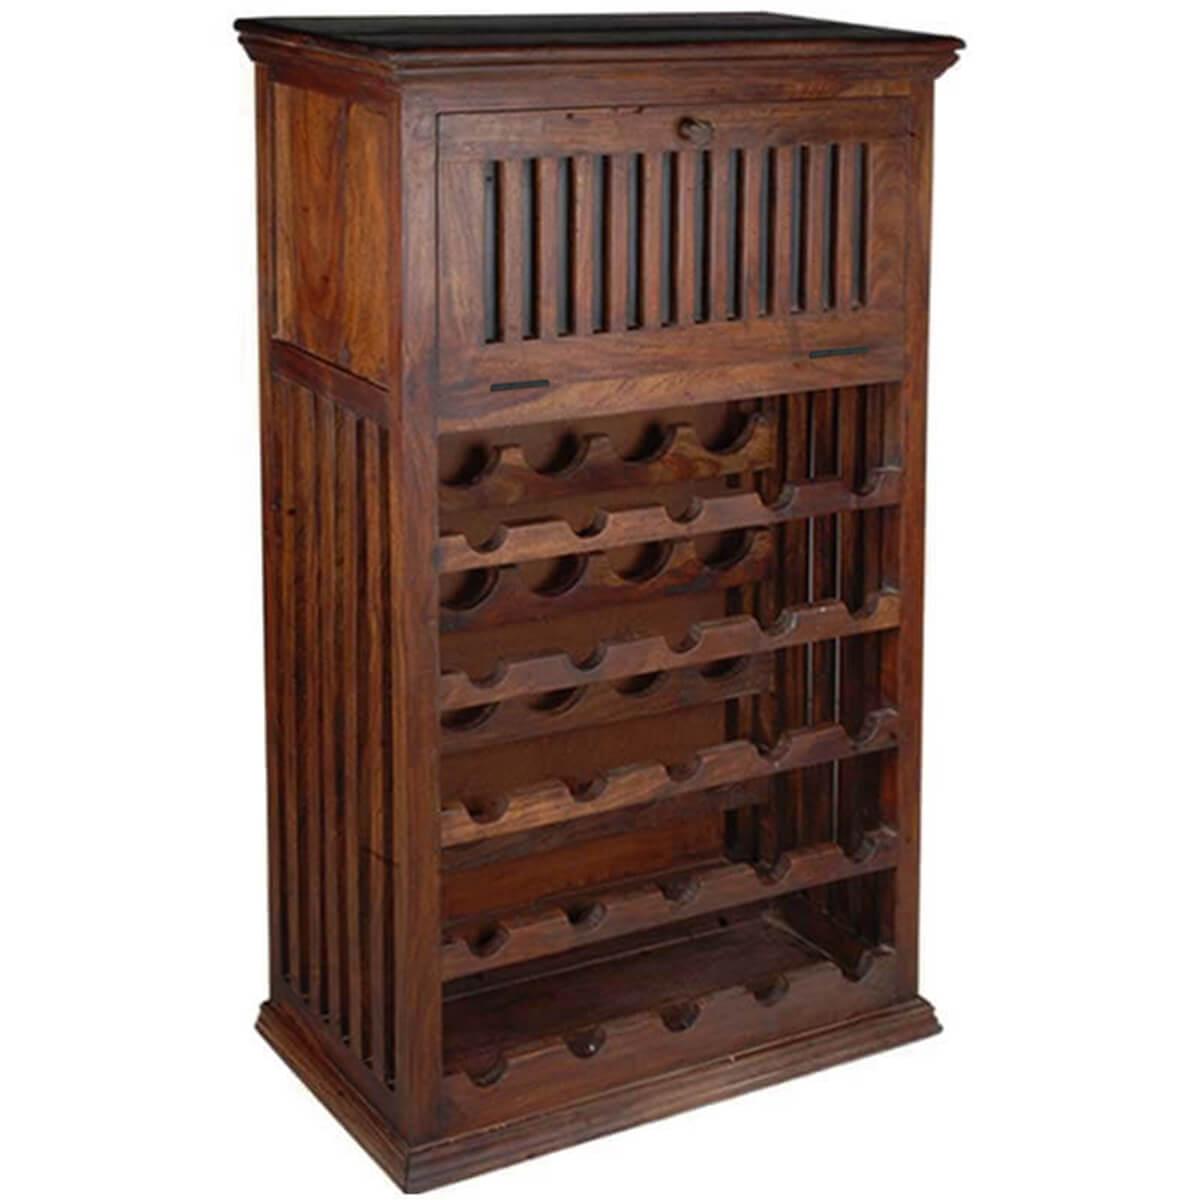 Haskins Solid Wood 25 Bottle Holder Wine Rack Storage Cabinet